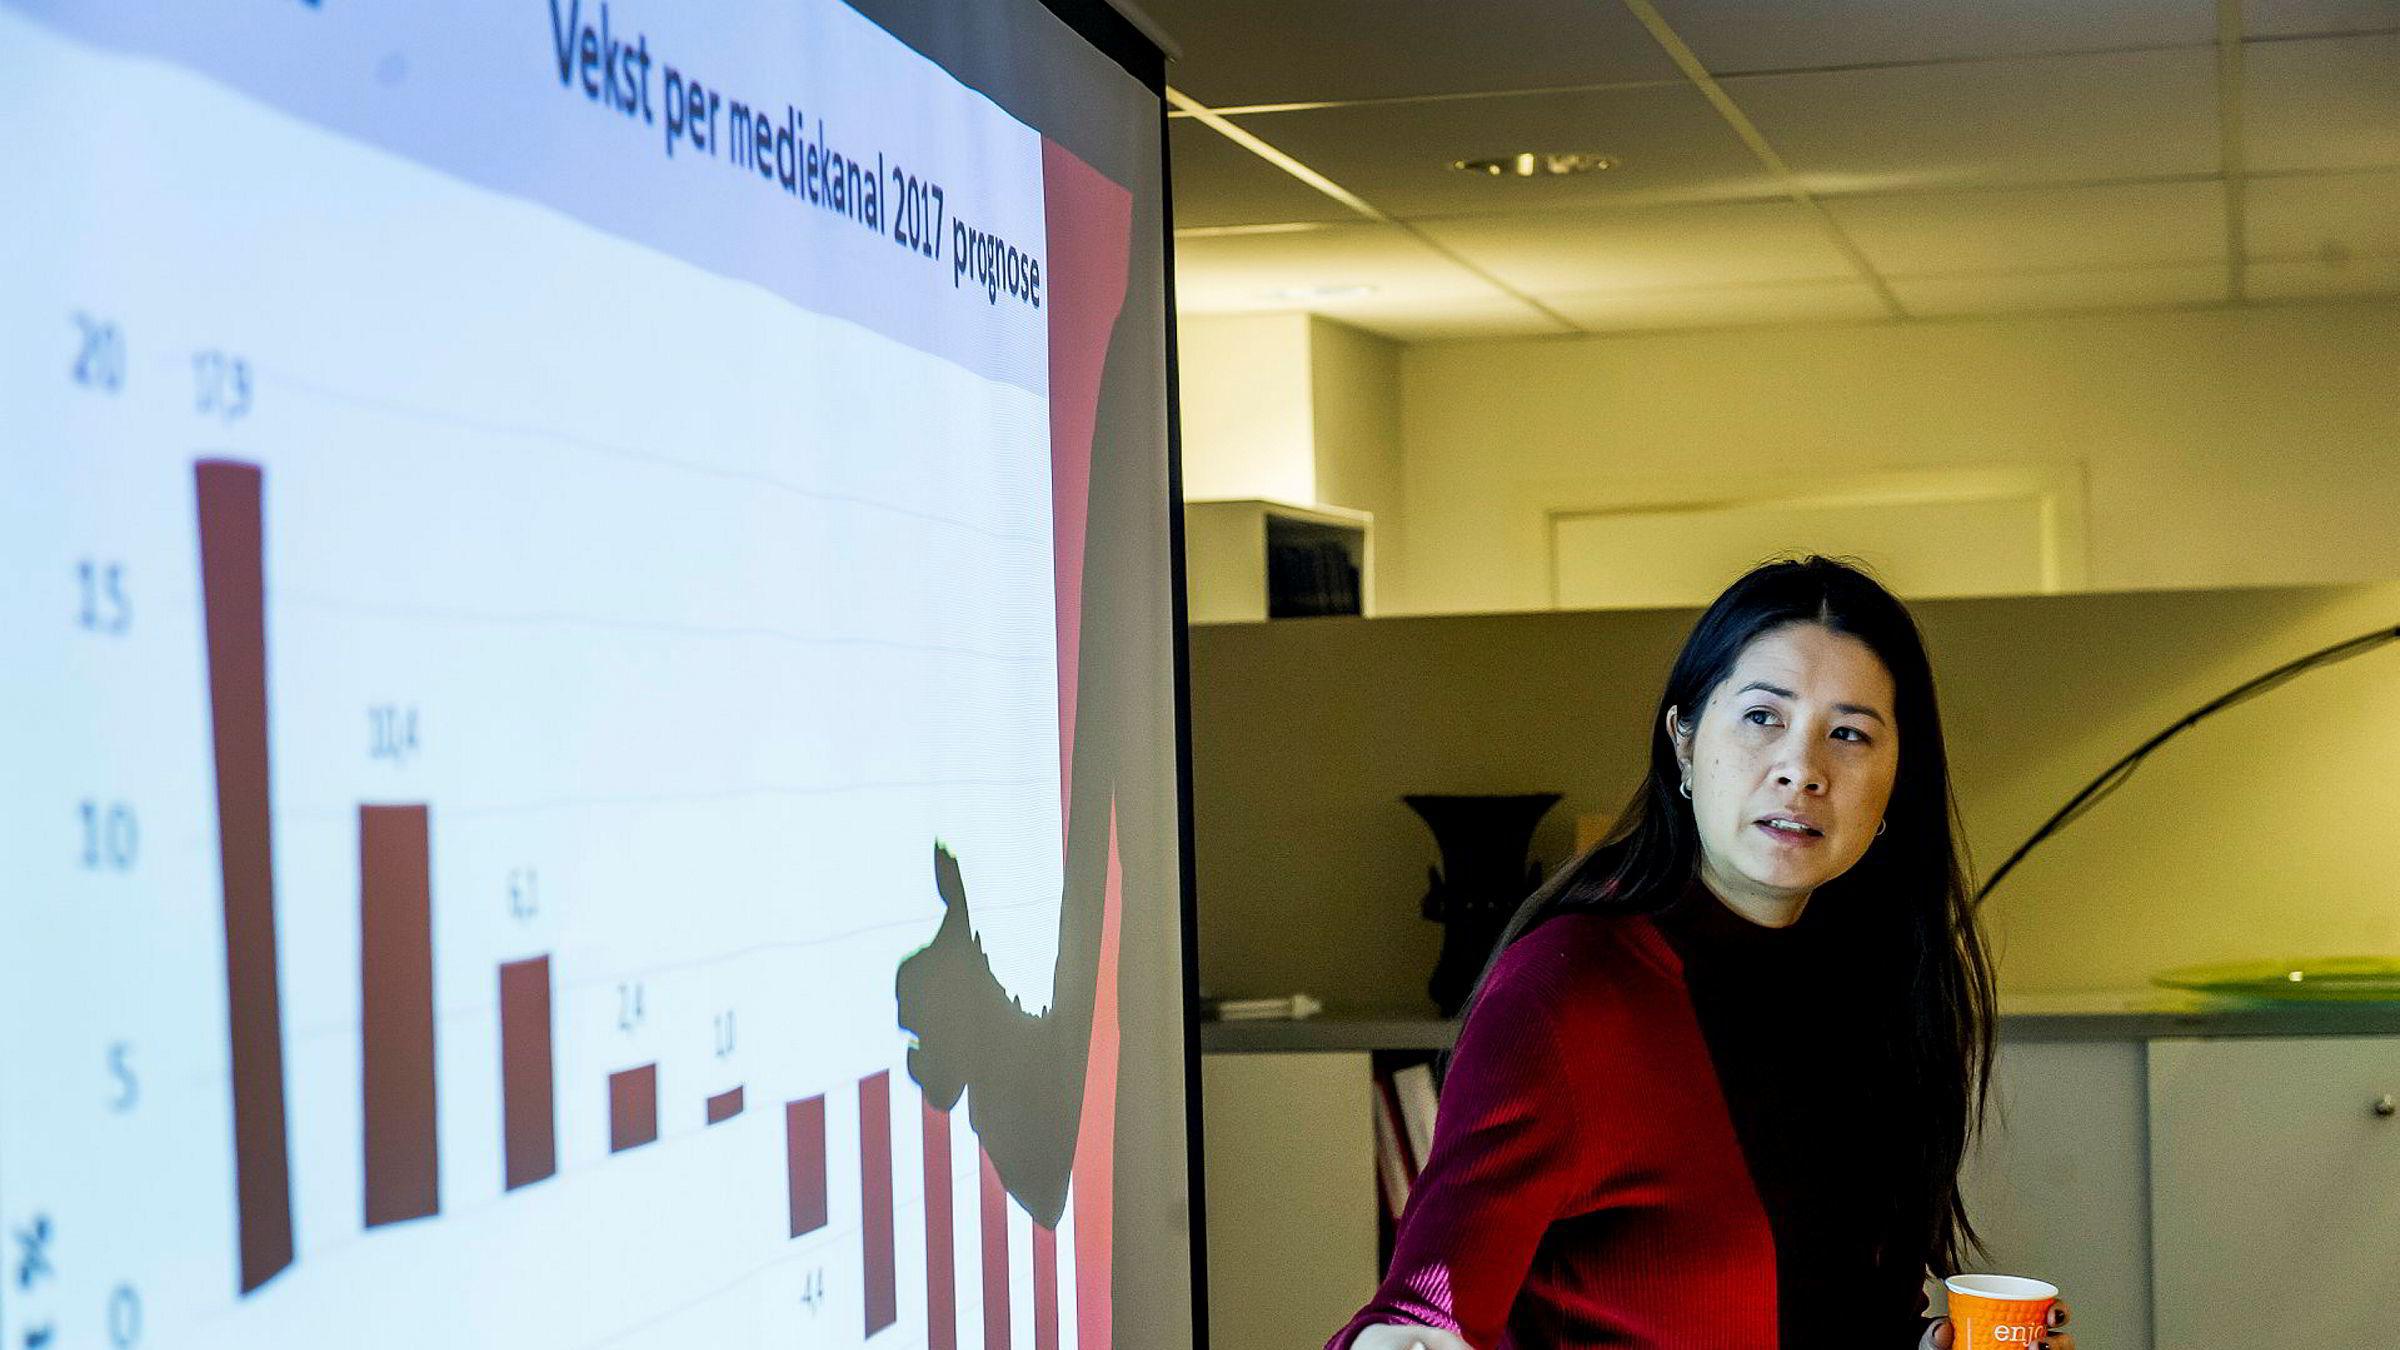 Daglig leder Madeleine Thor i Institutet för reklam- och mediestatistik.